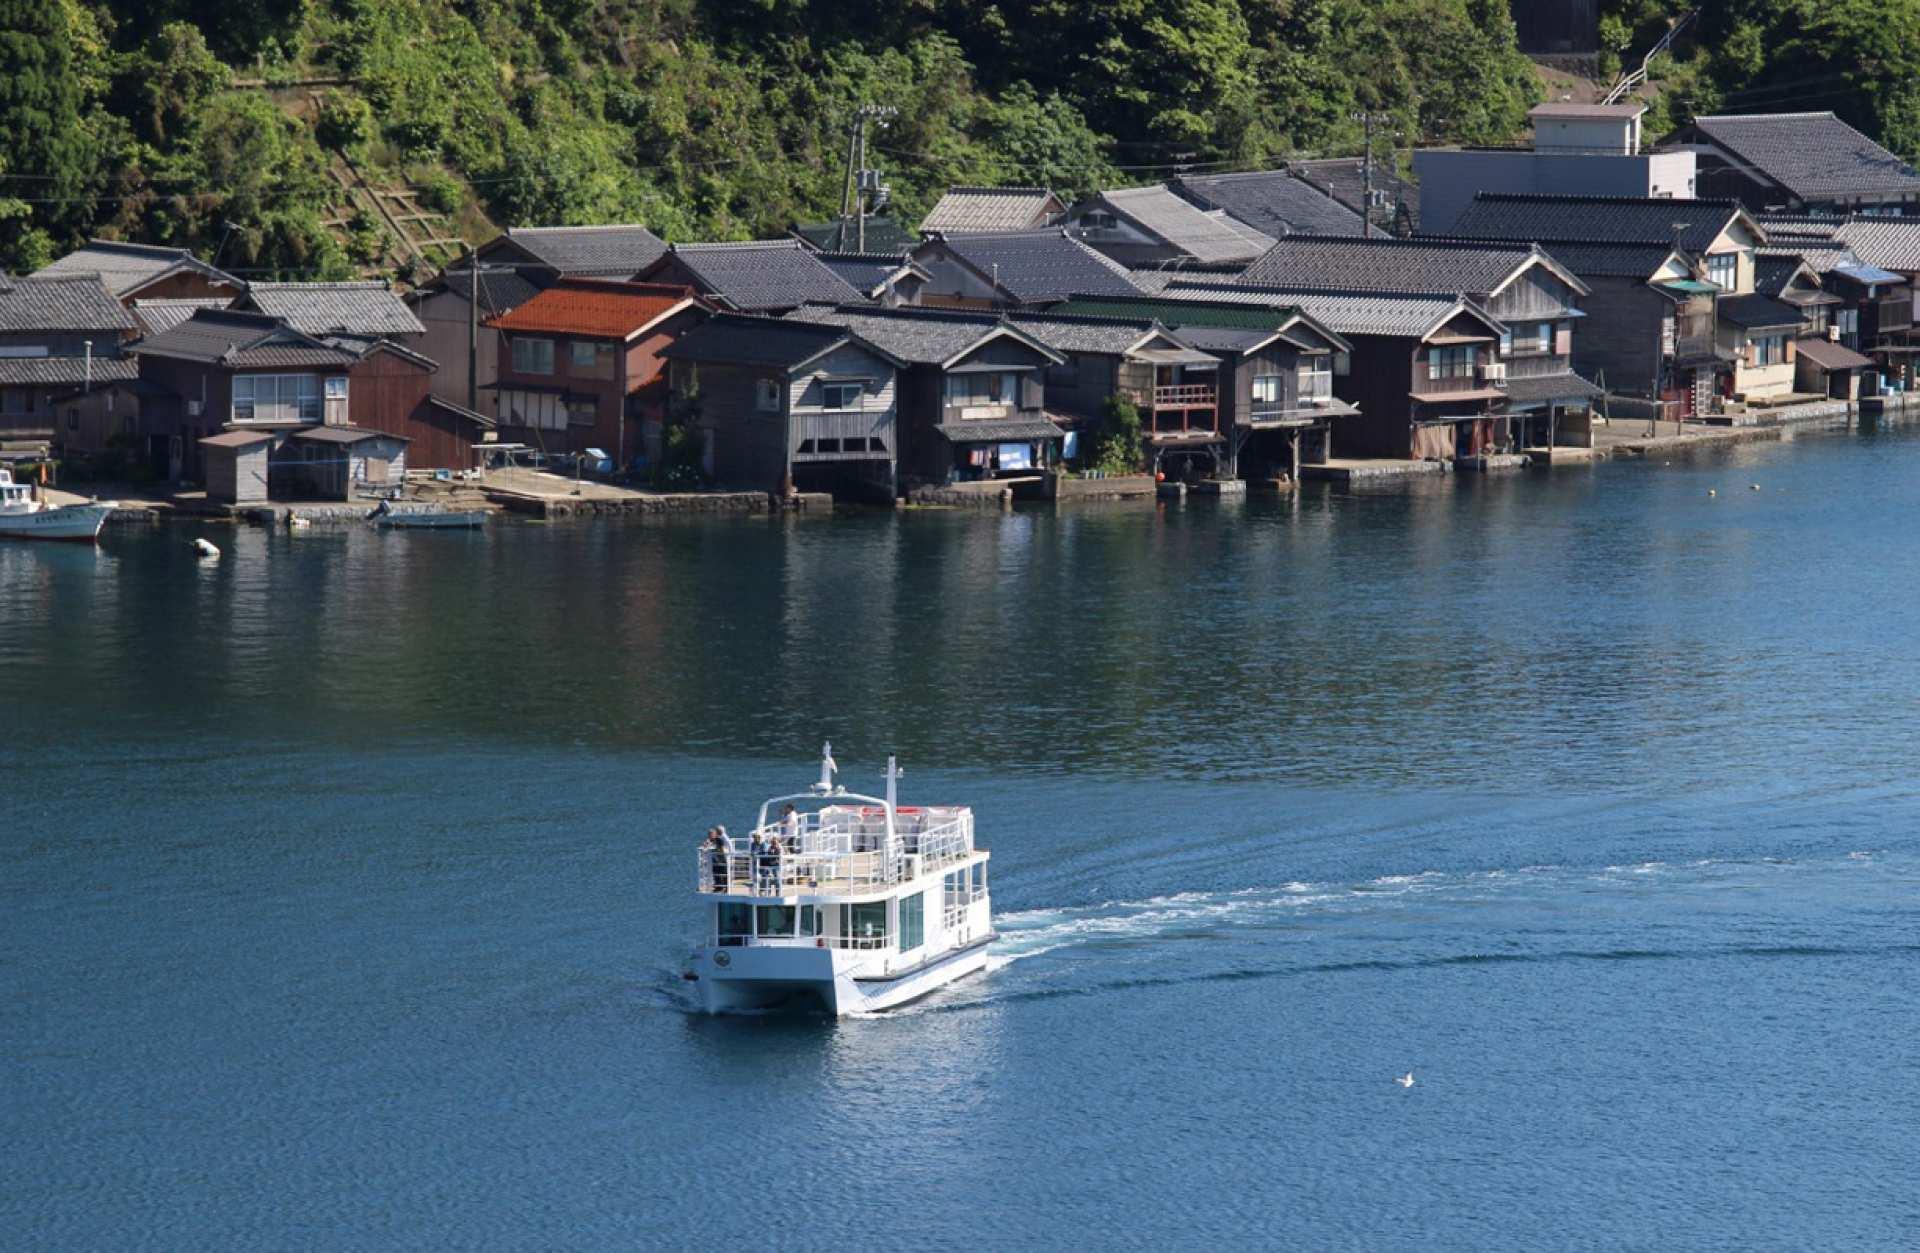 大阪発|海の京都日帰りバスツアー 天橋立+伊根の舟屋|焼きアワビの懐石料理ランチ付き